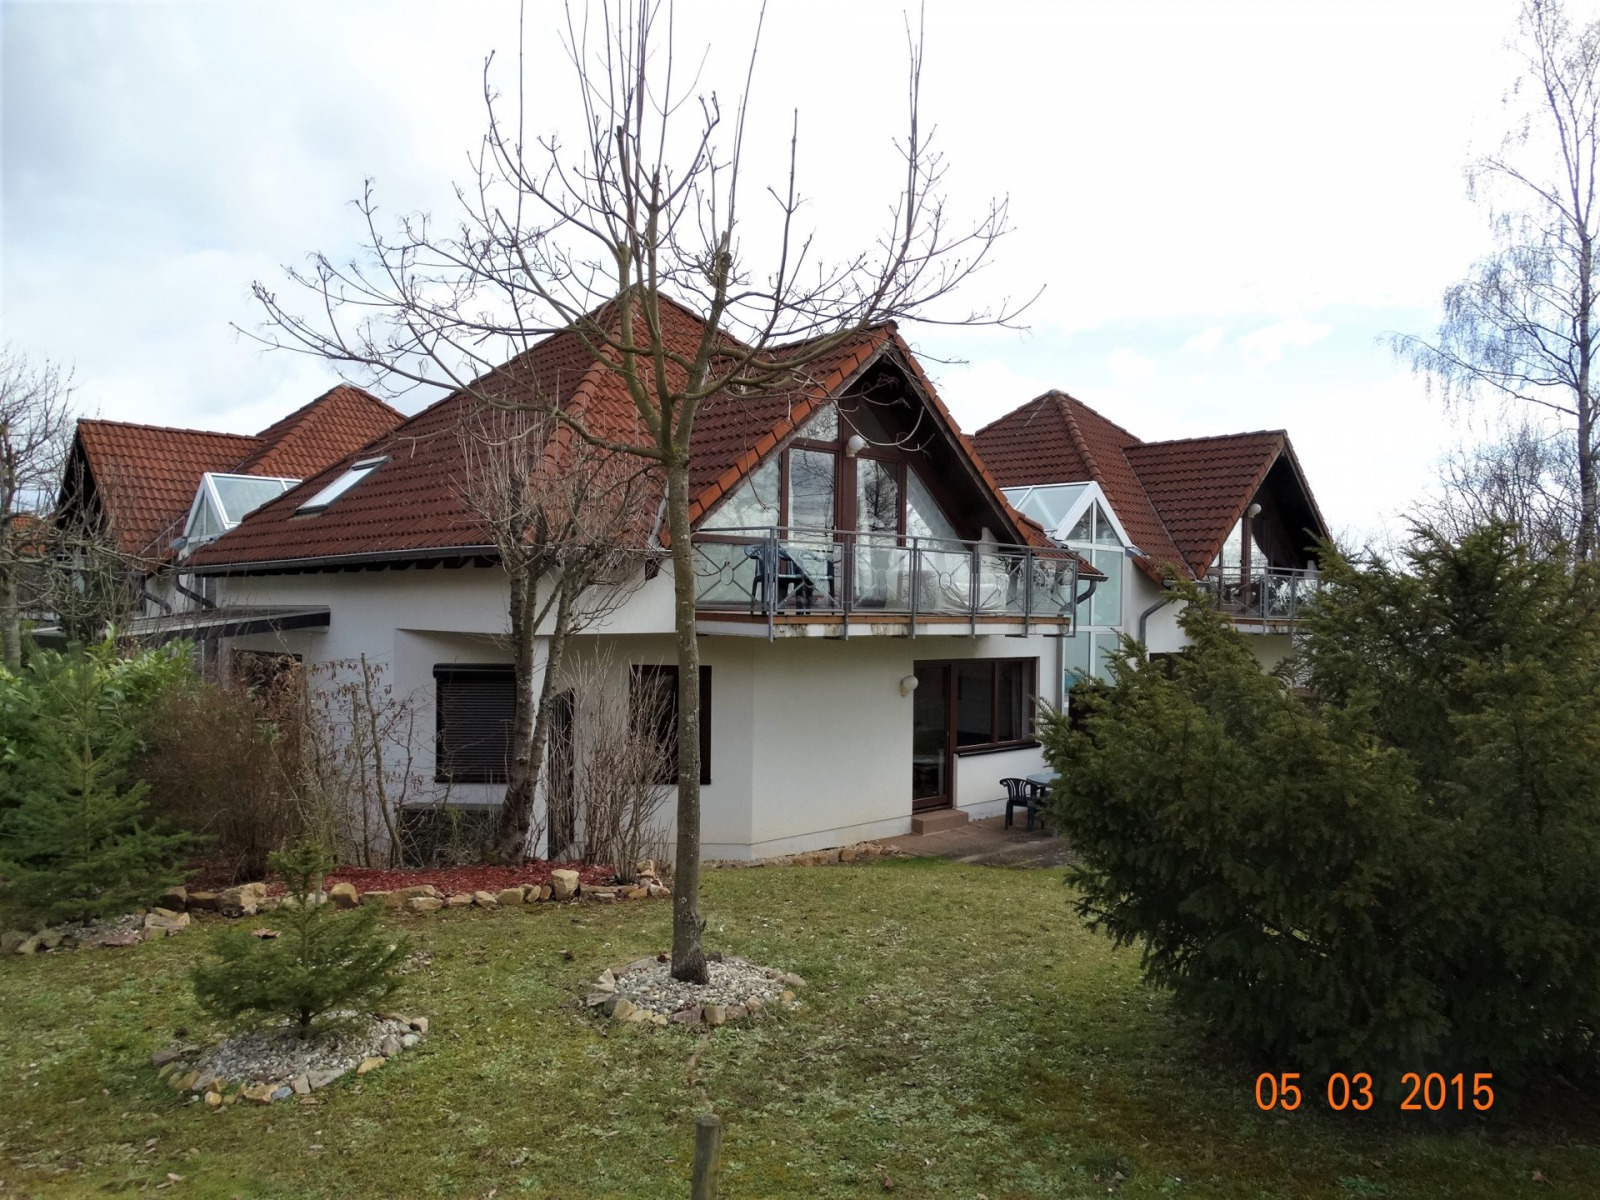 HRB_Ferienpark_2_1920x1440